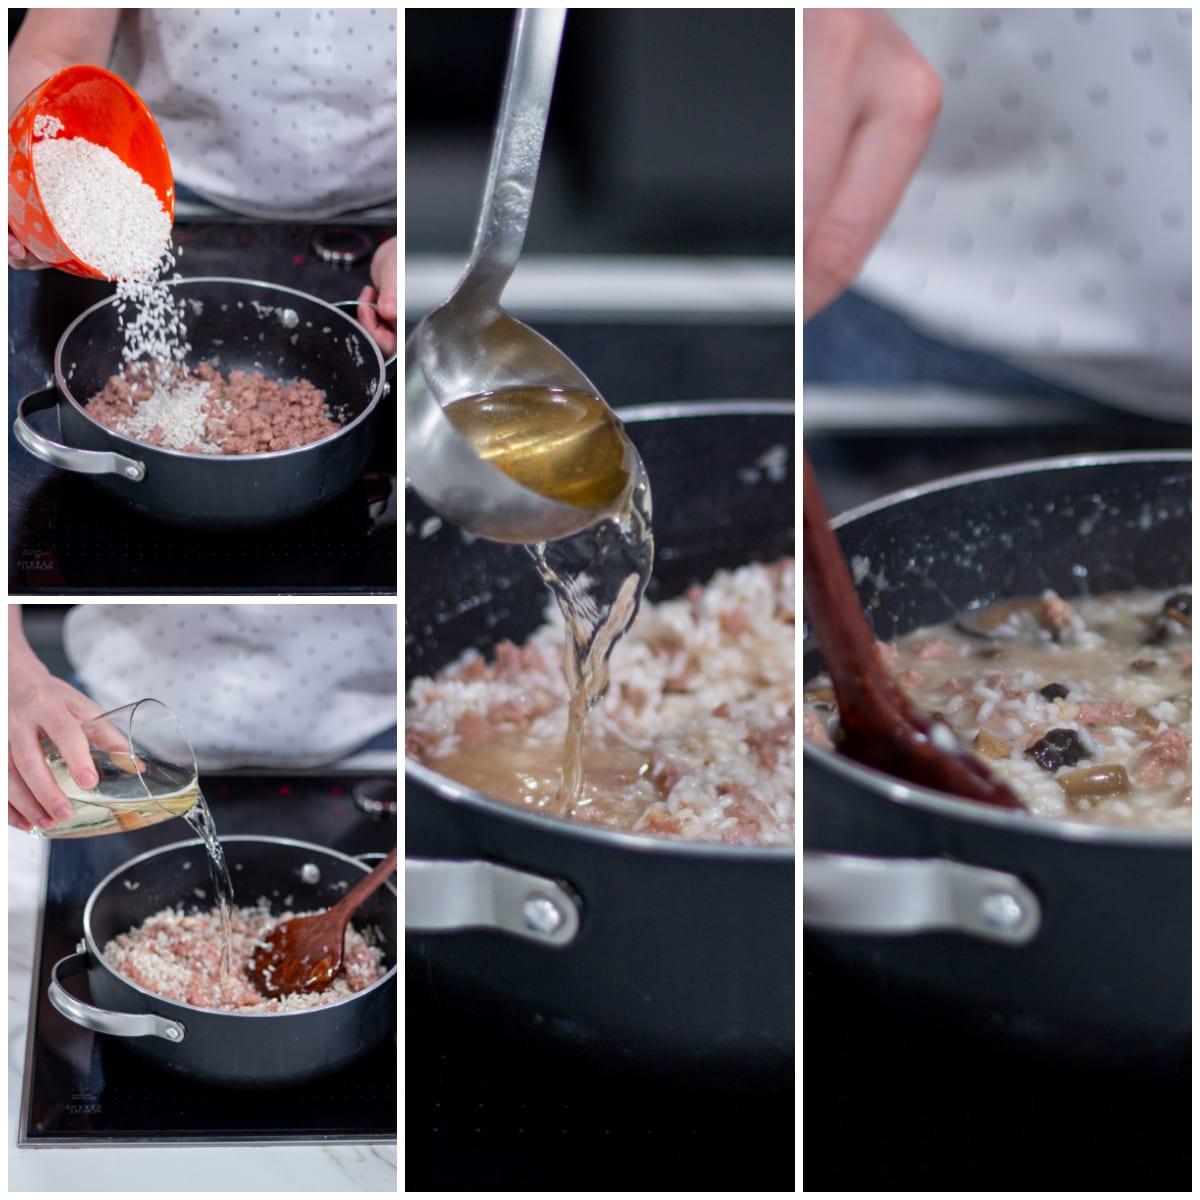 risotto funghi pioppini salsicia